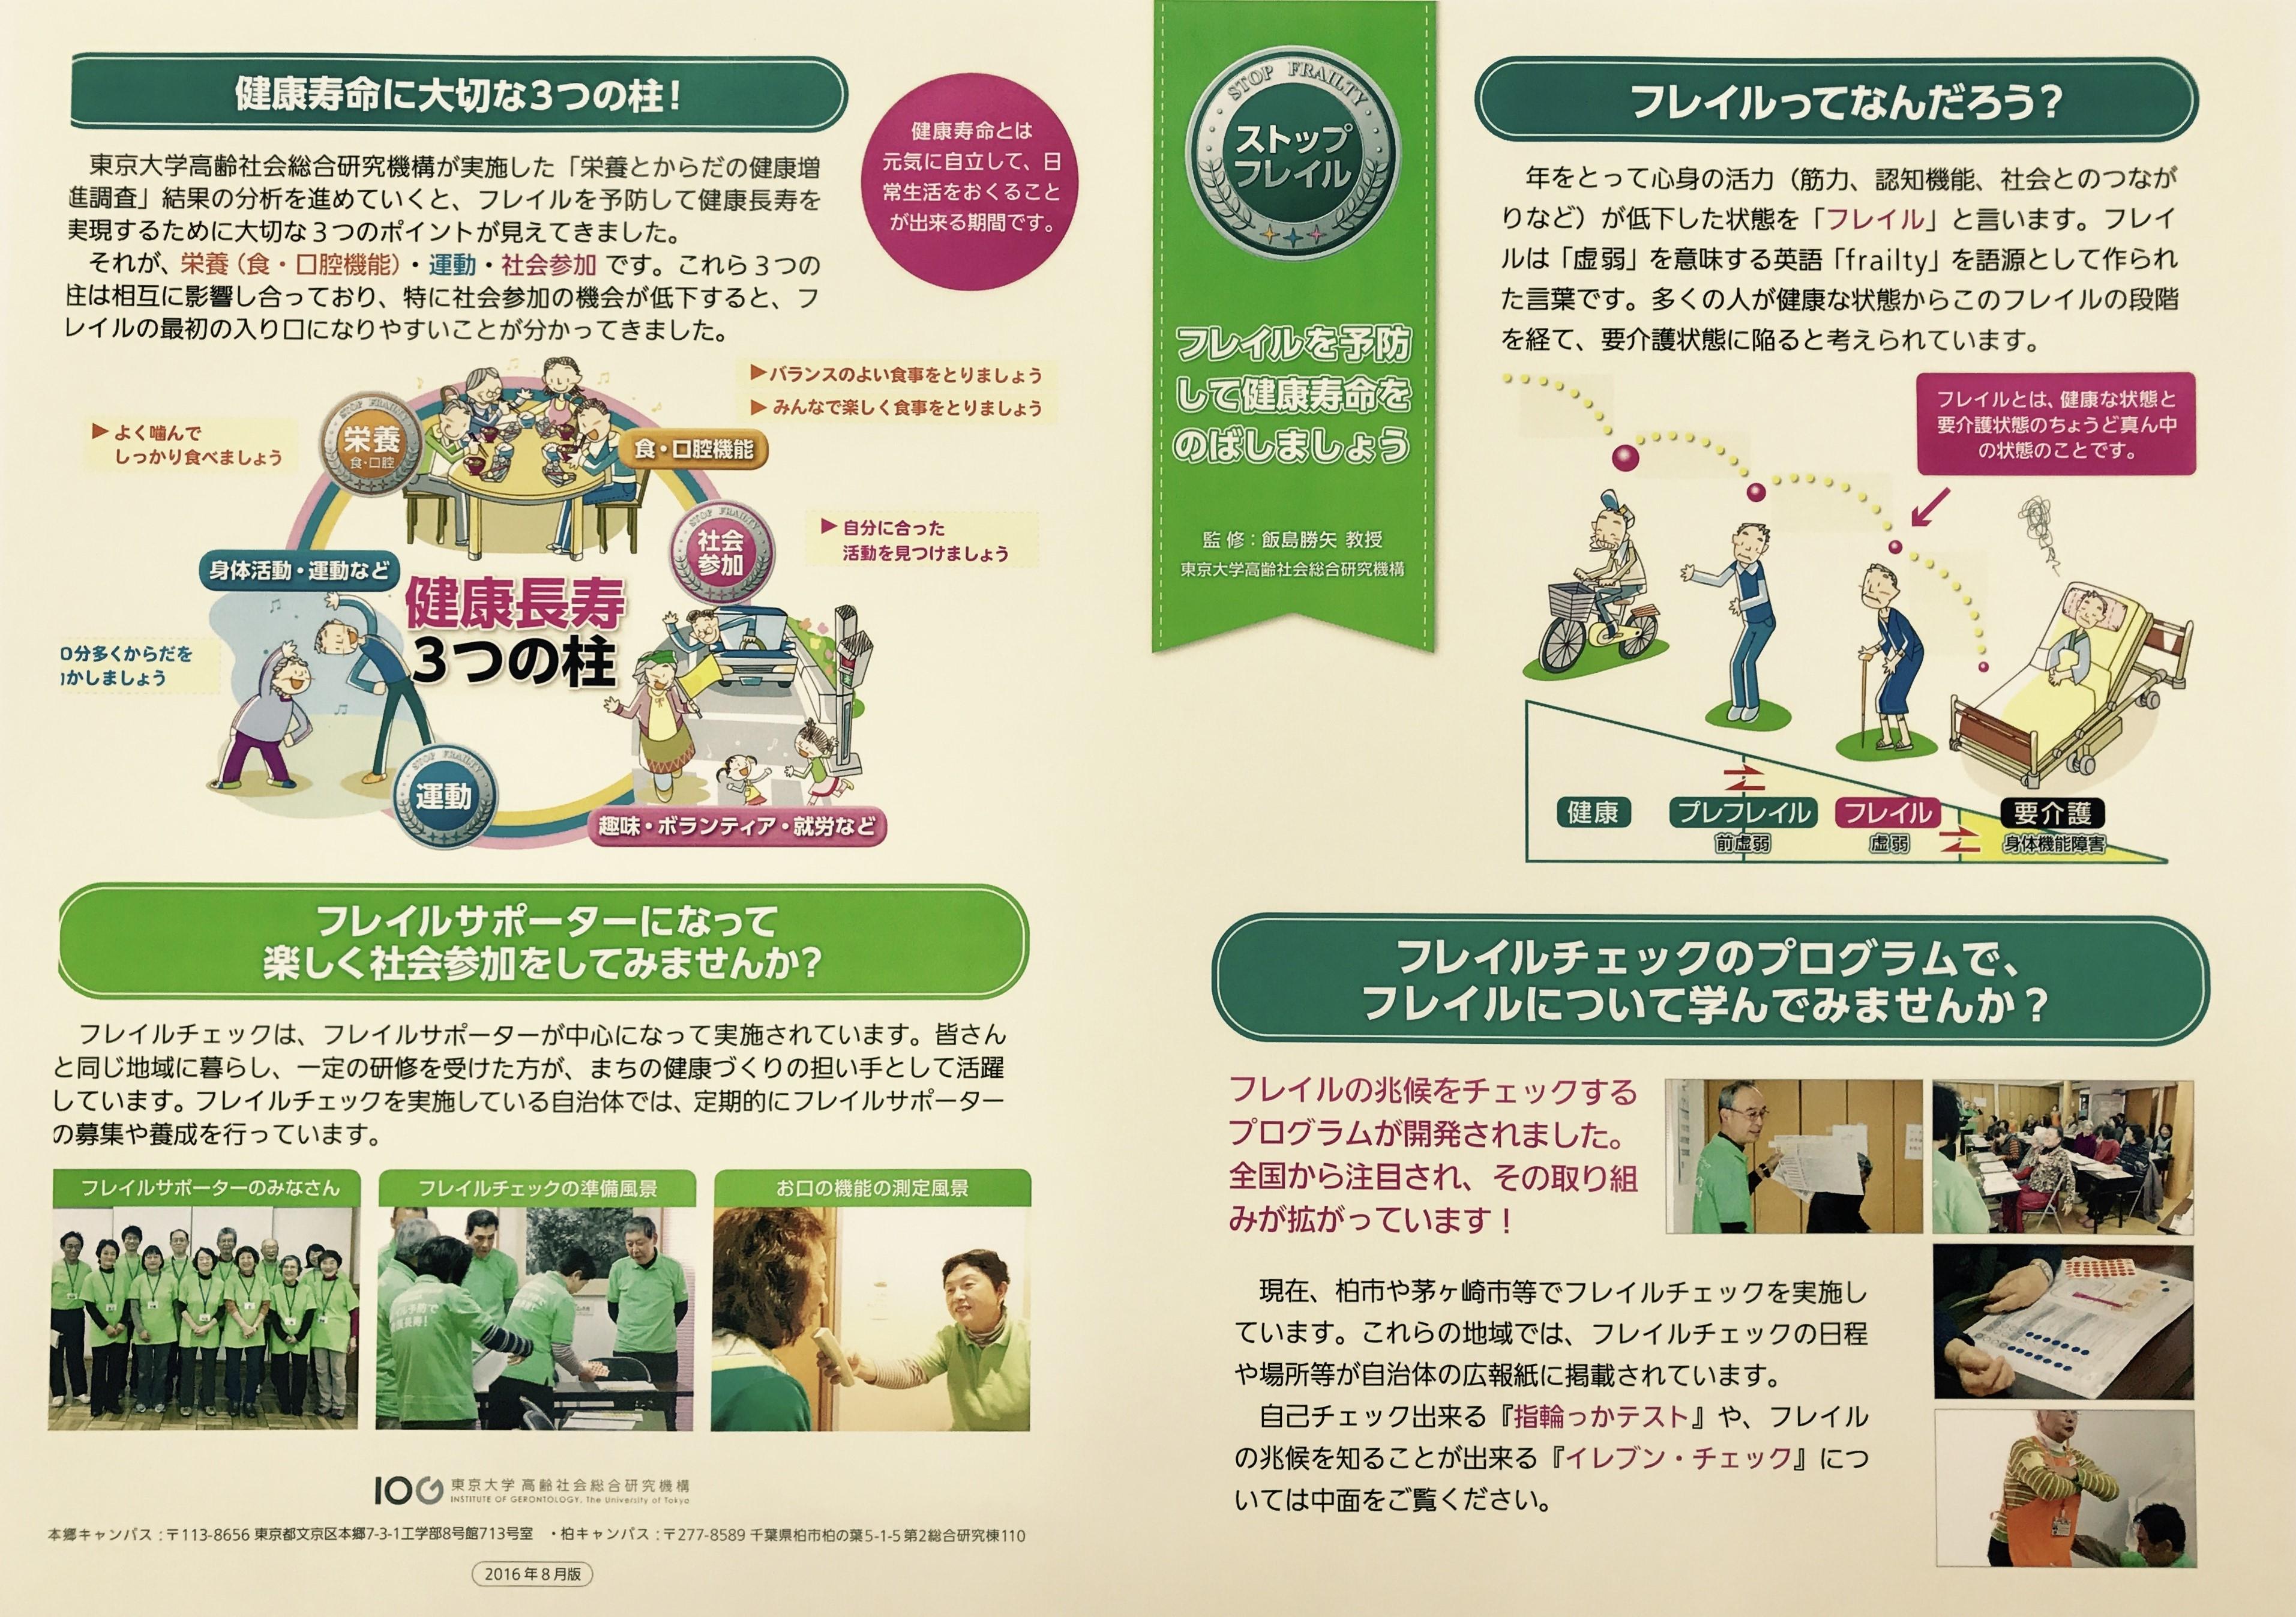 監修:東京大学高齢社会総合研究機構 飯島勝矢教授 ストップフレイル「フレイルを予防して健康長寿を伸ばしましょう」